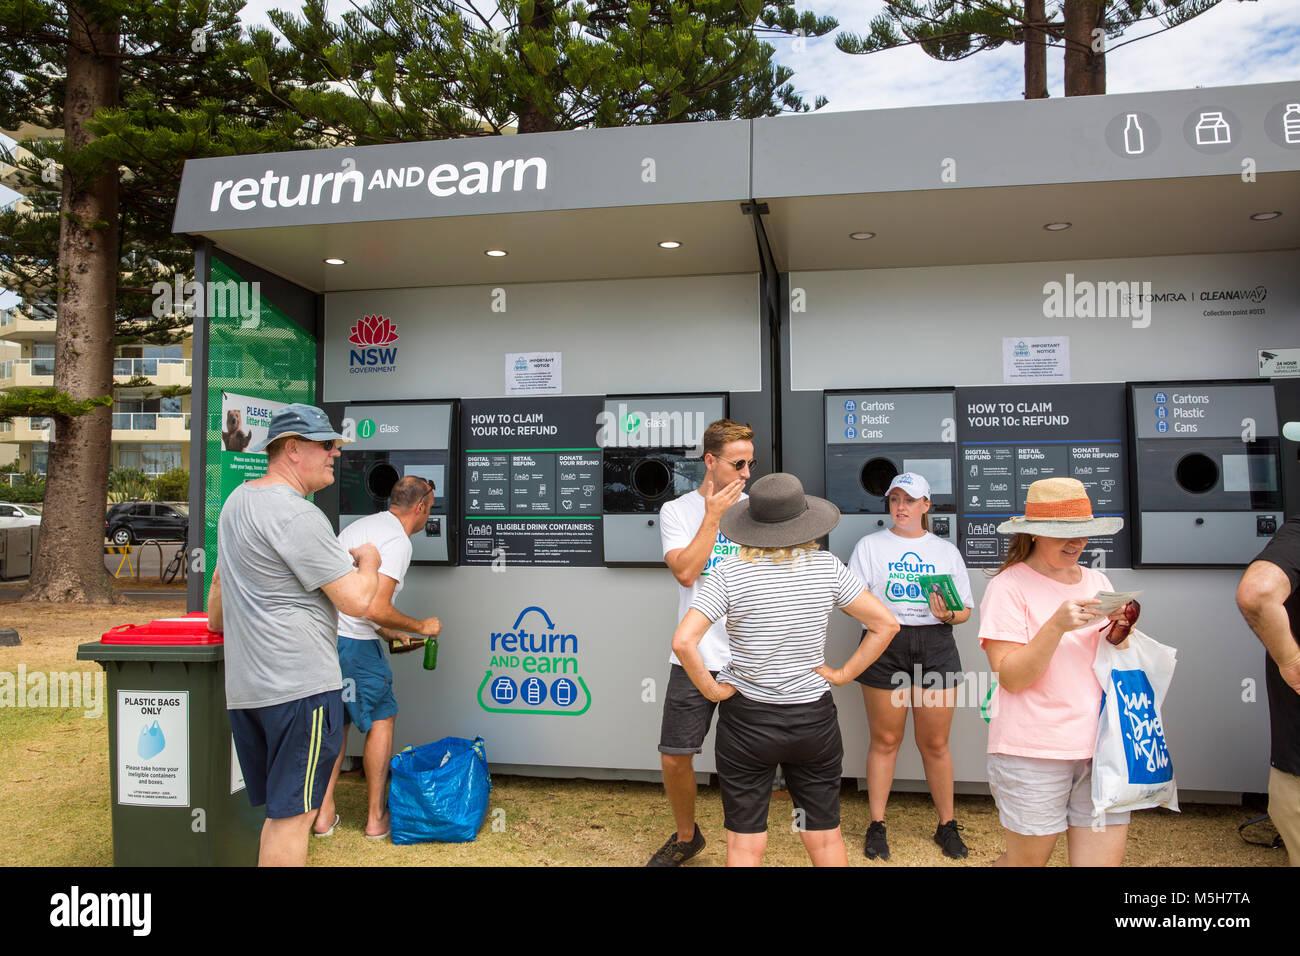 Die NSW Regierung weiterhin seinen Behälter Kaution Regelung als Zurück und Verdienen, wo 10 c erworben Stockbild